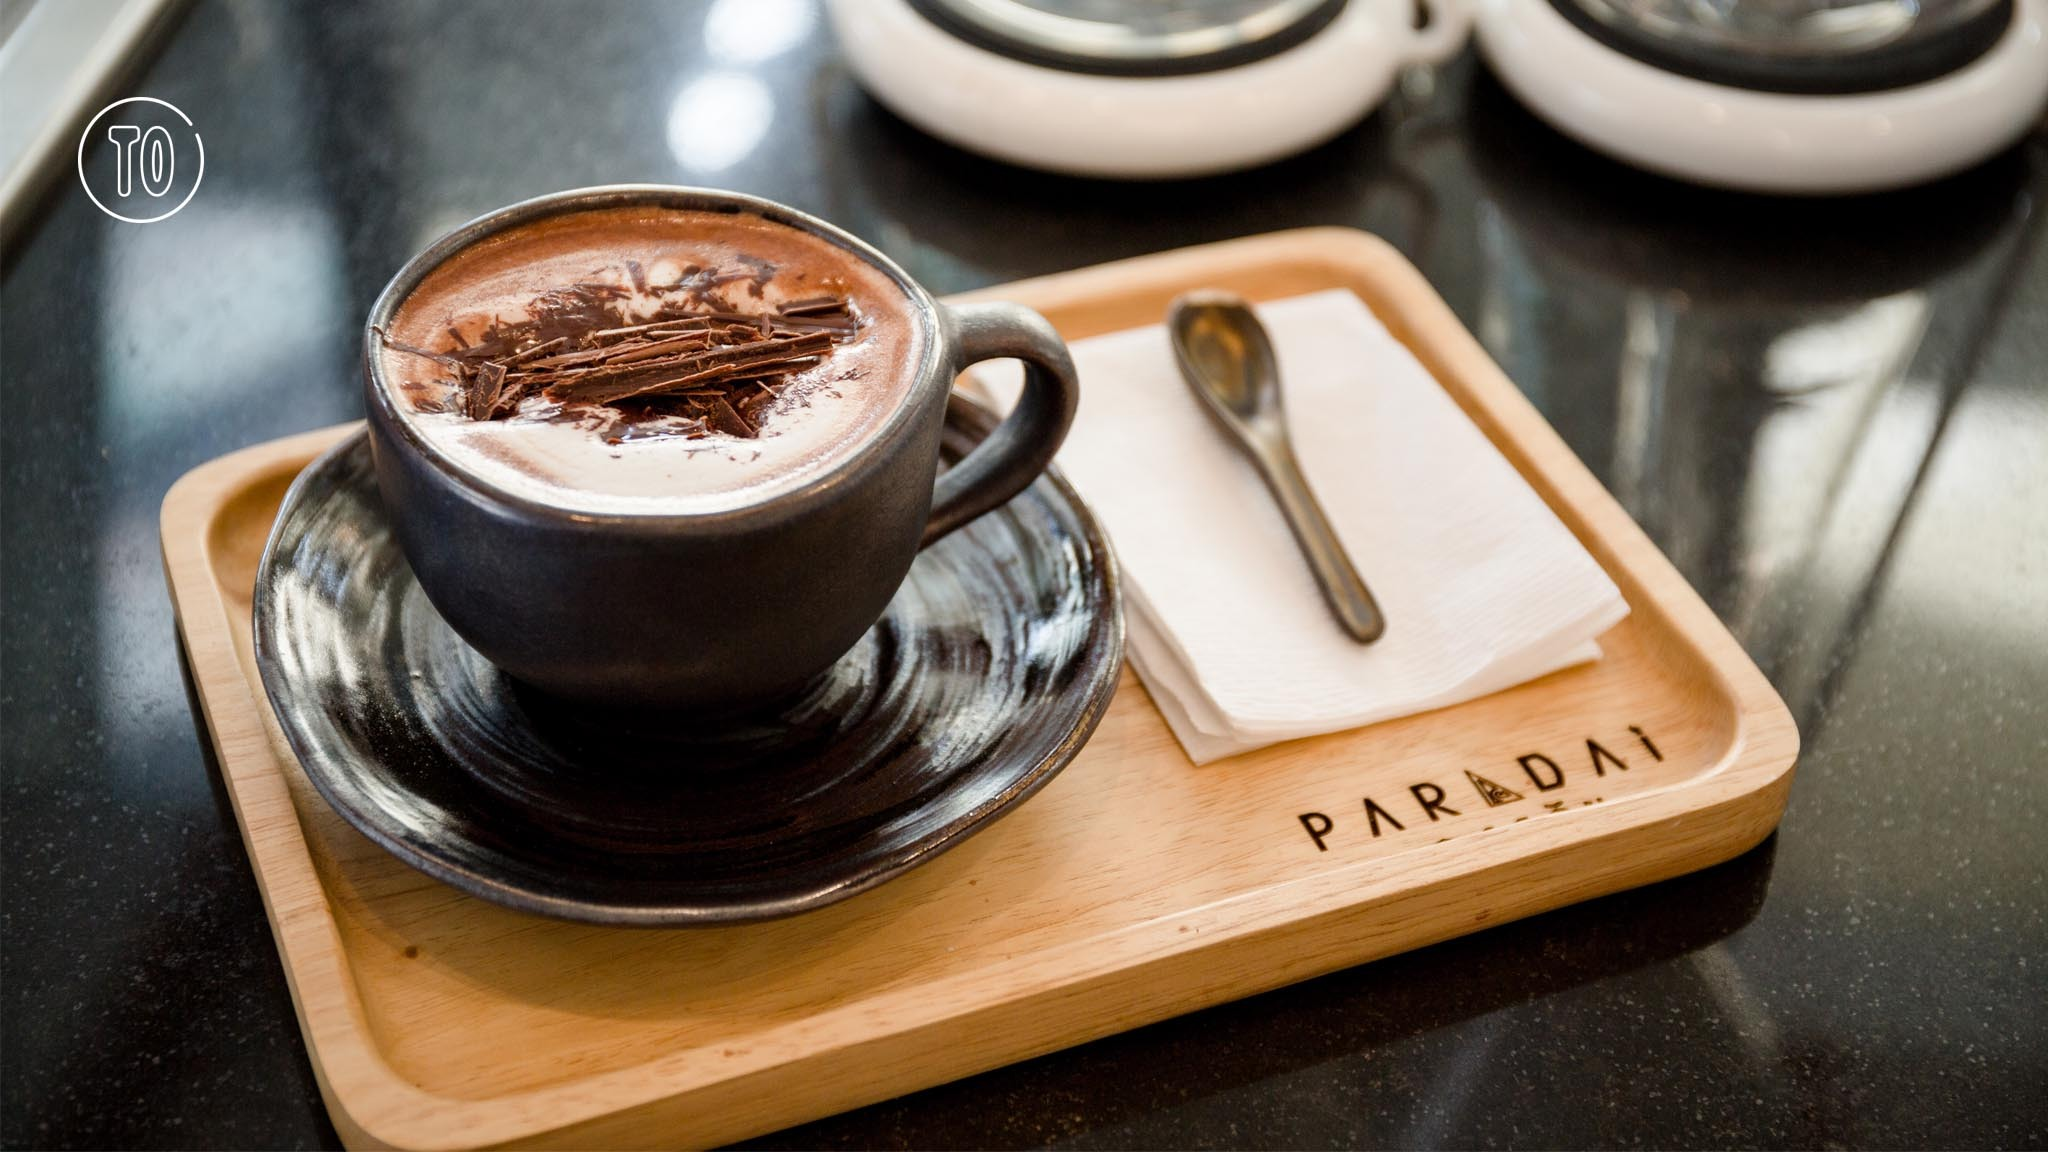 Paradai Crafted Chocolate & Café